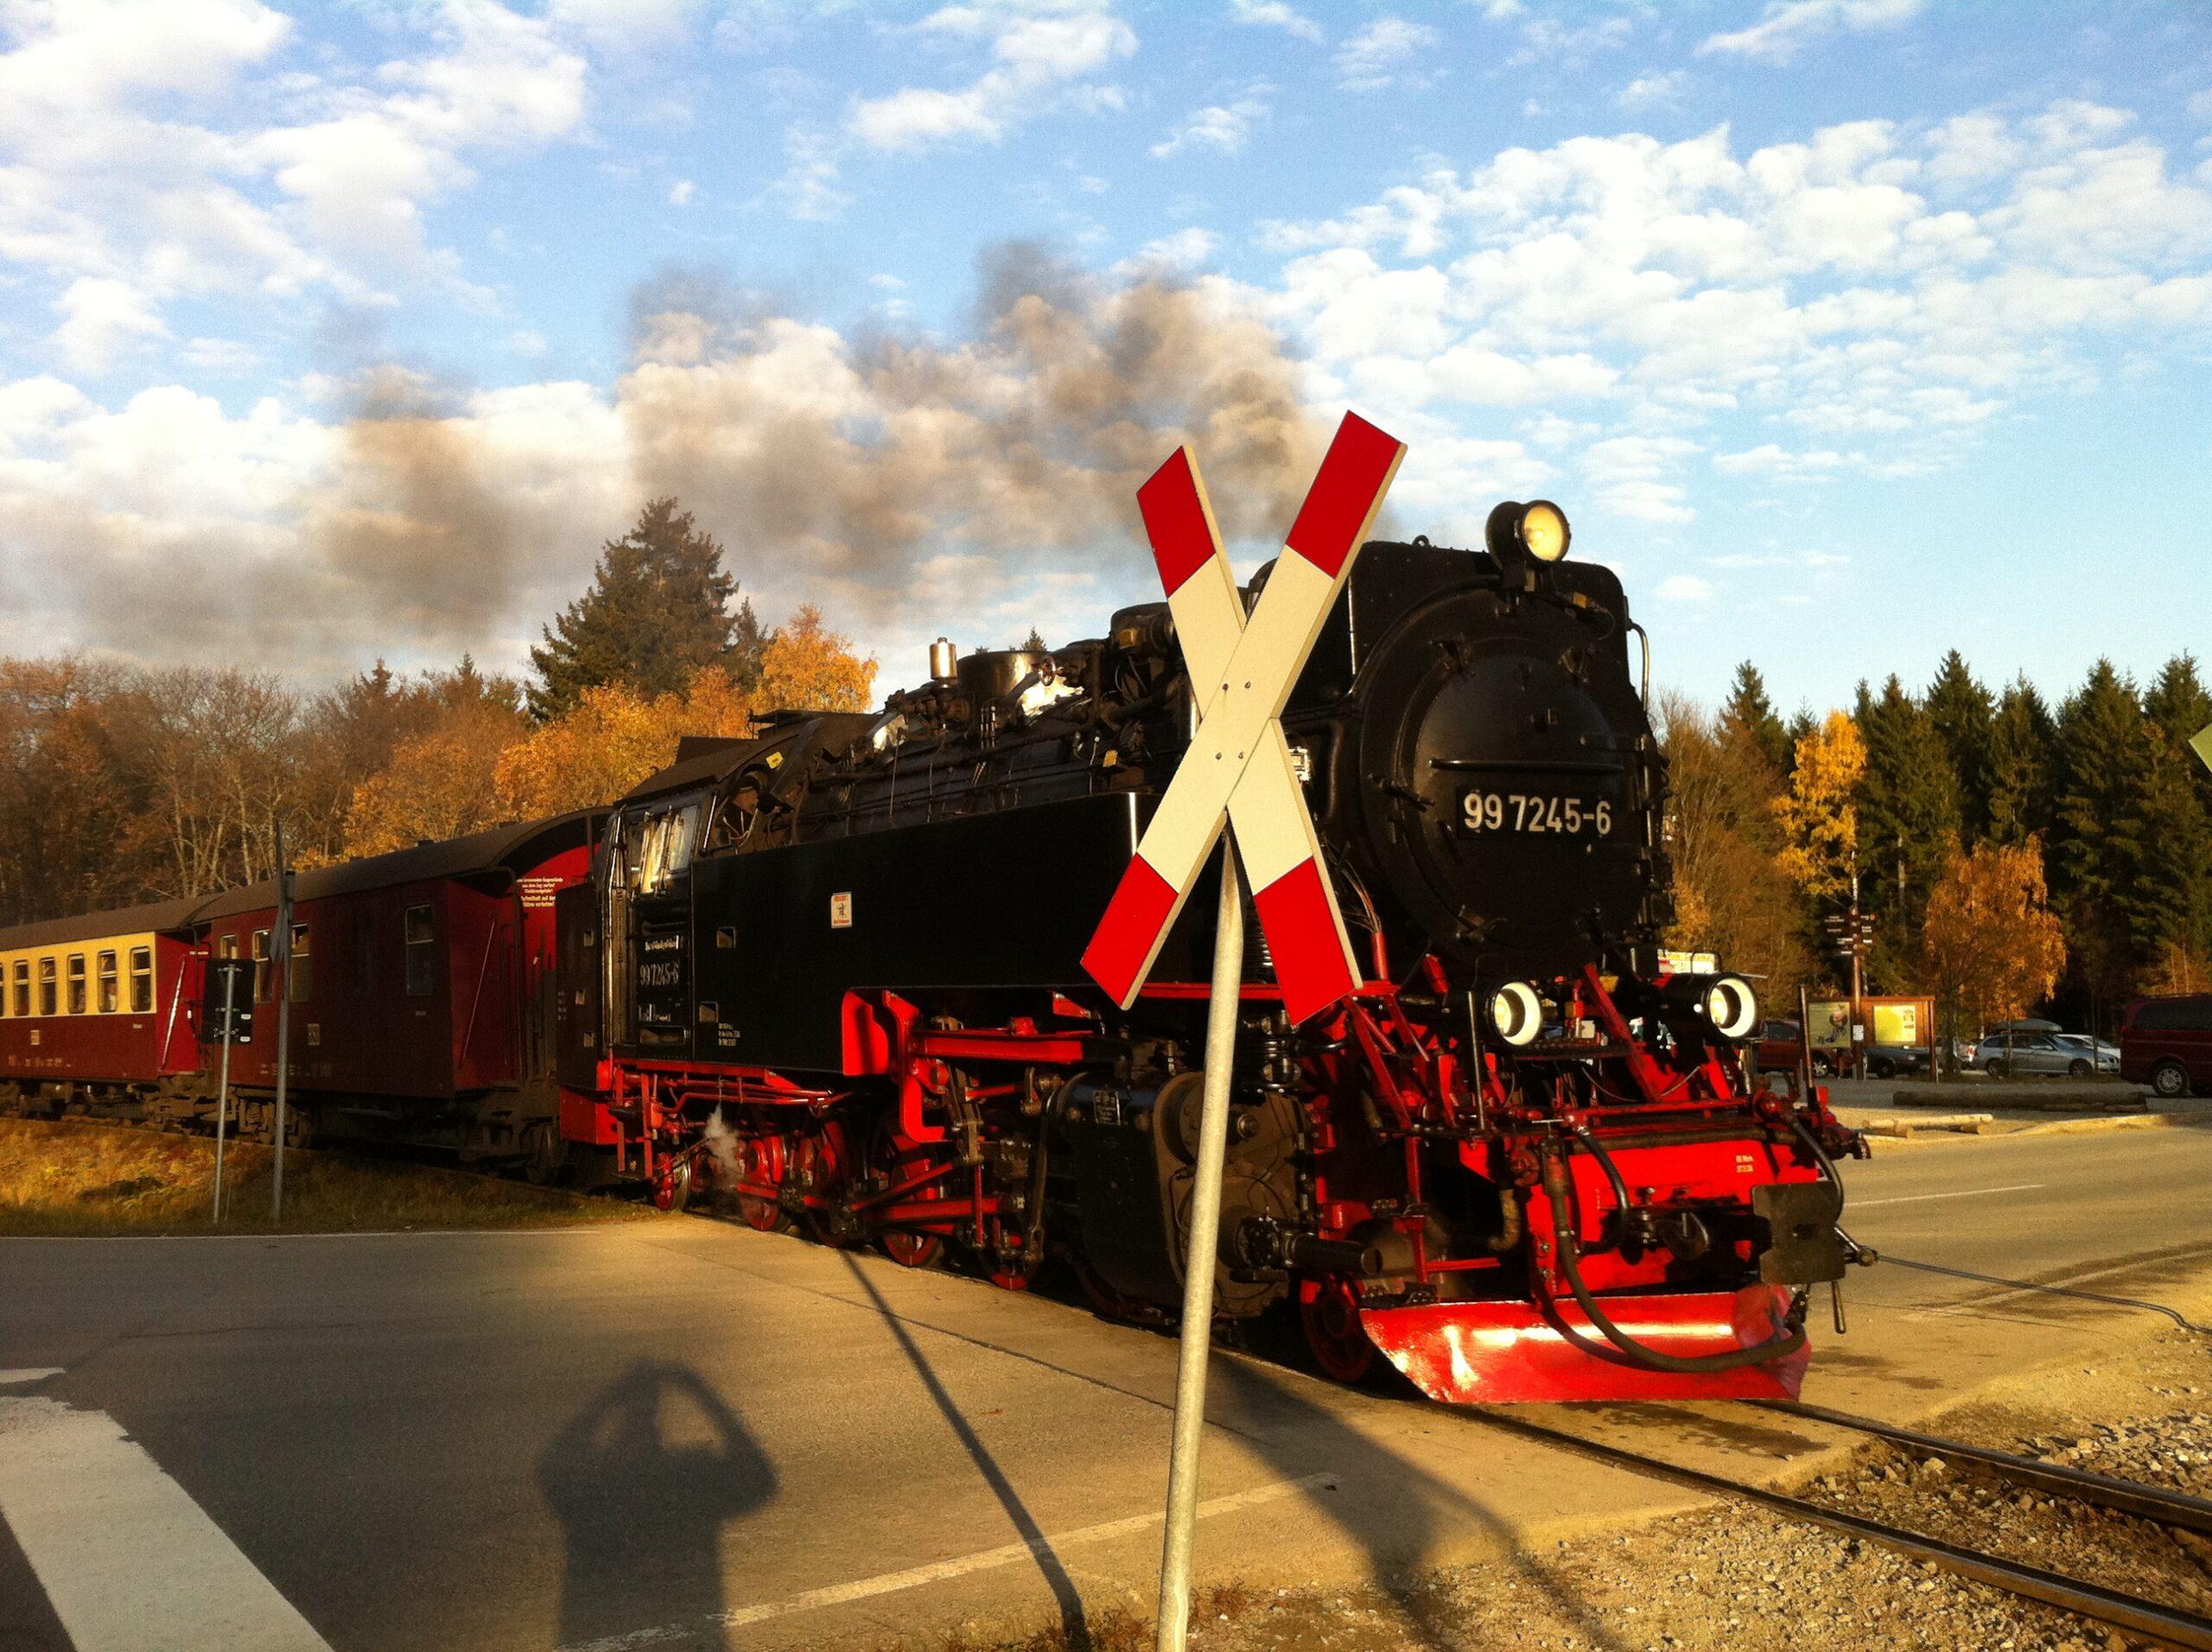 Gislev Rejser fest i Harzen